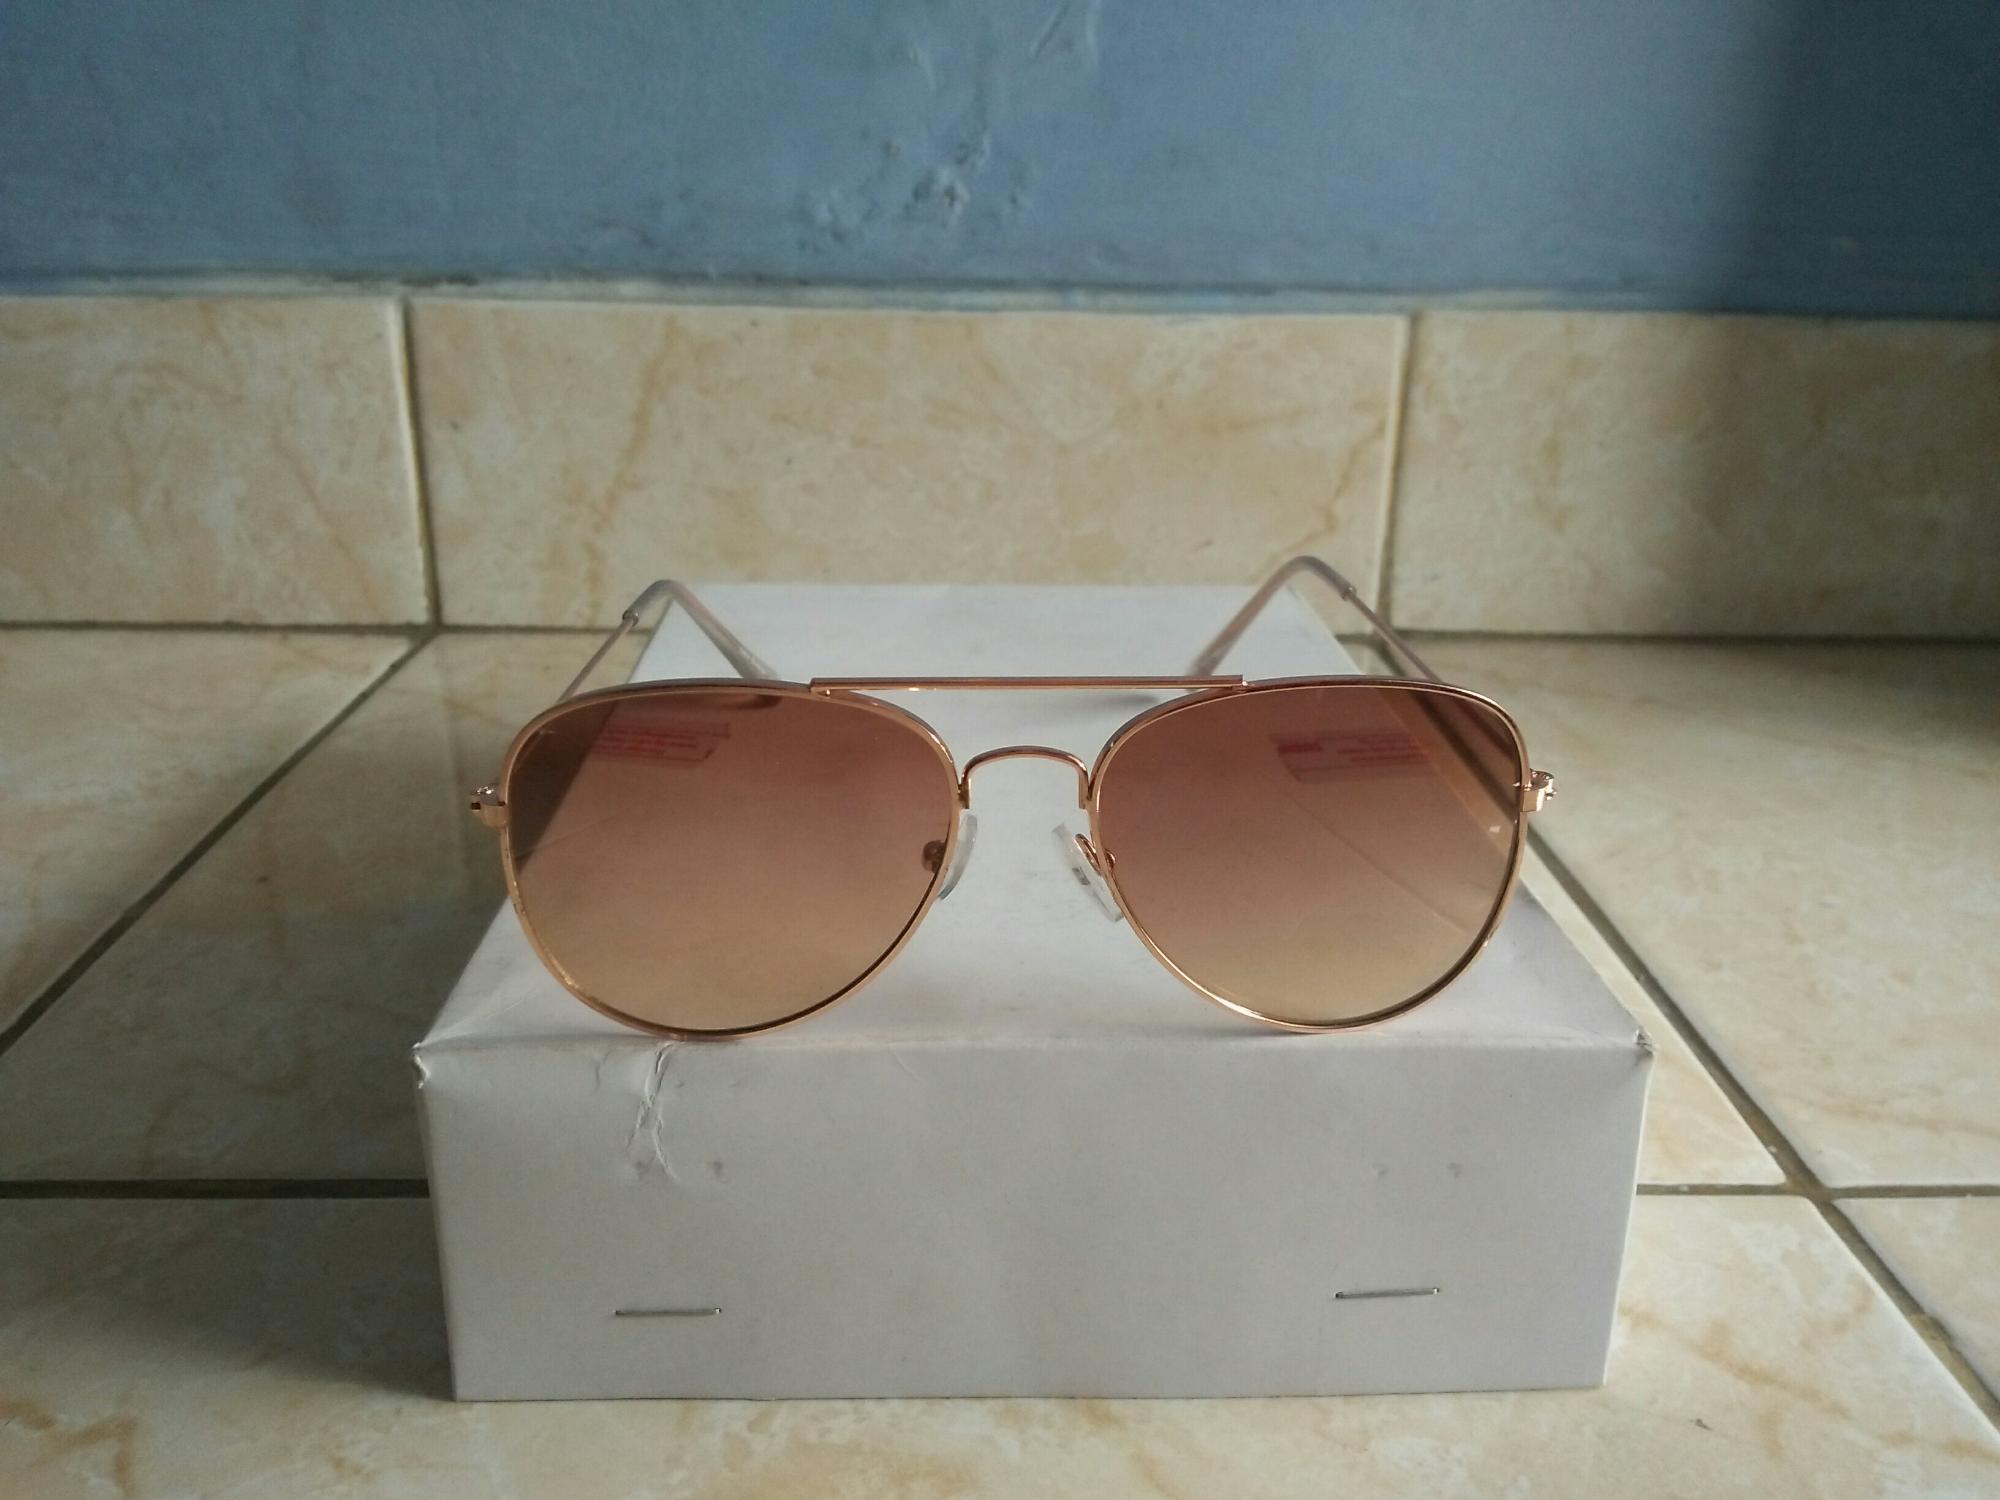 Promo kacamata murah bulat oval kaca bening fashion trendy BY305 - 3.  Source · Promo kacamata aviator anak coklat trendy gaya keren UR813 e1d4d1dae4